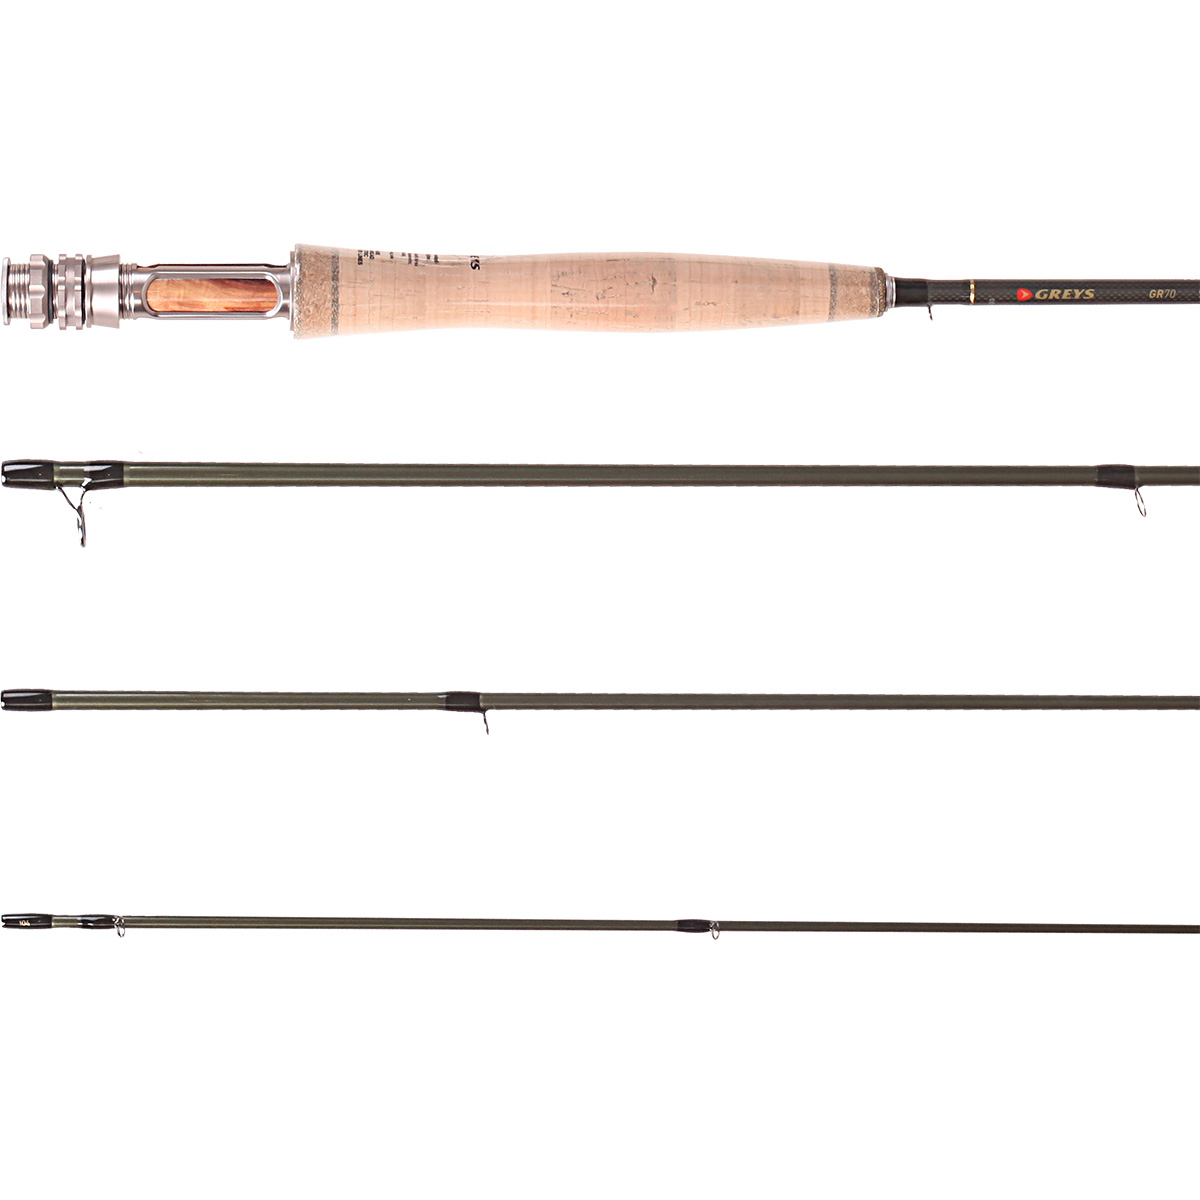 Greys gr 70 streamflex fly fishing rods ebay for Ebay fly fishing